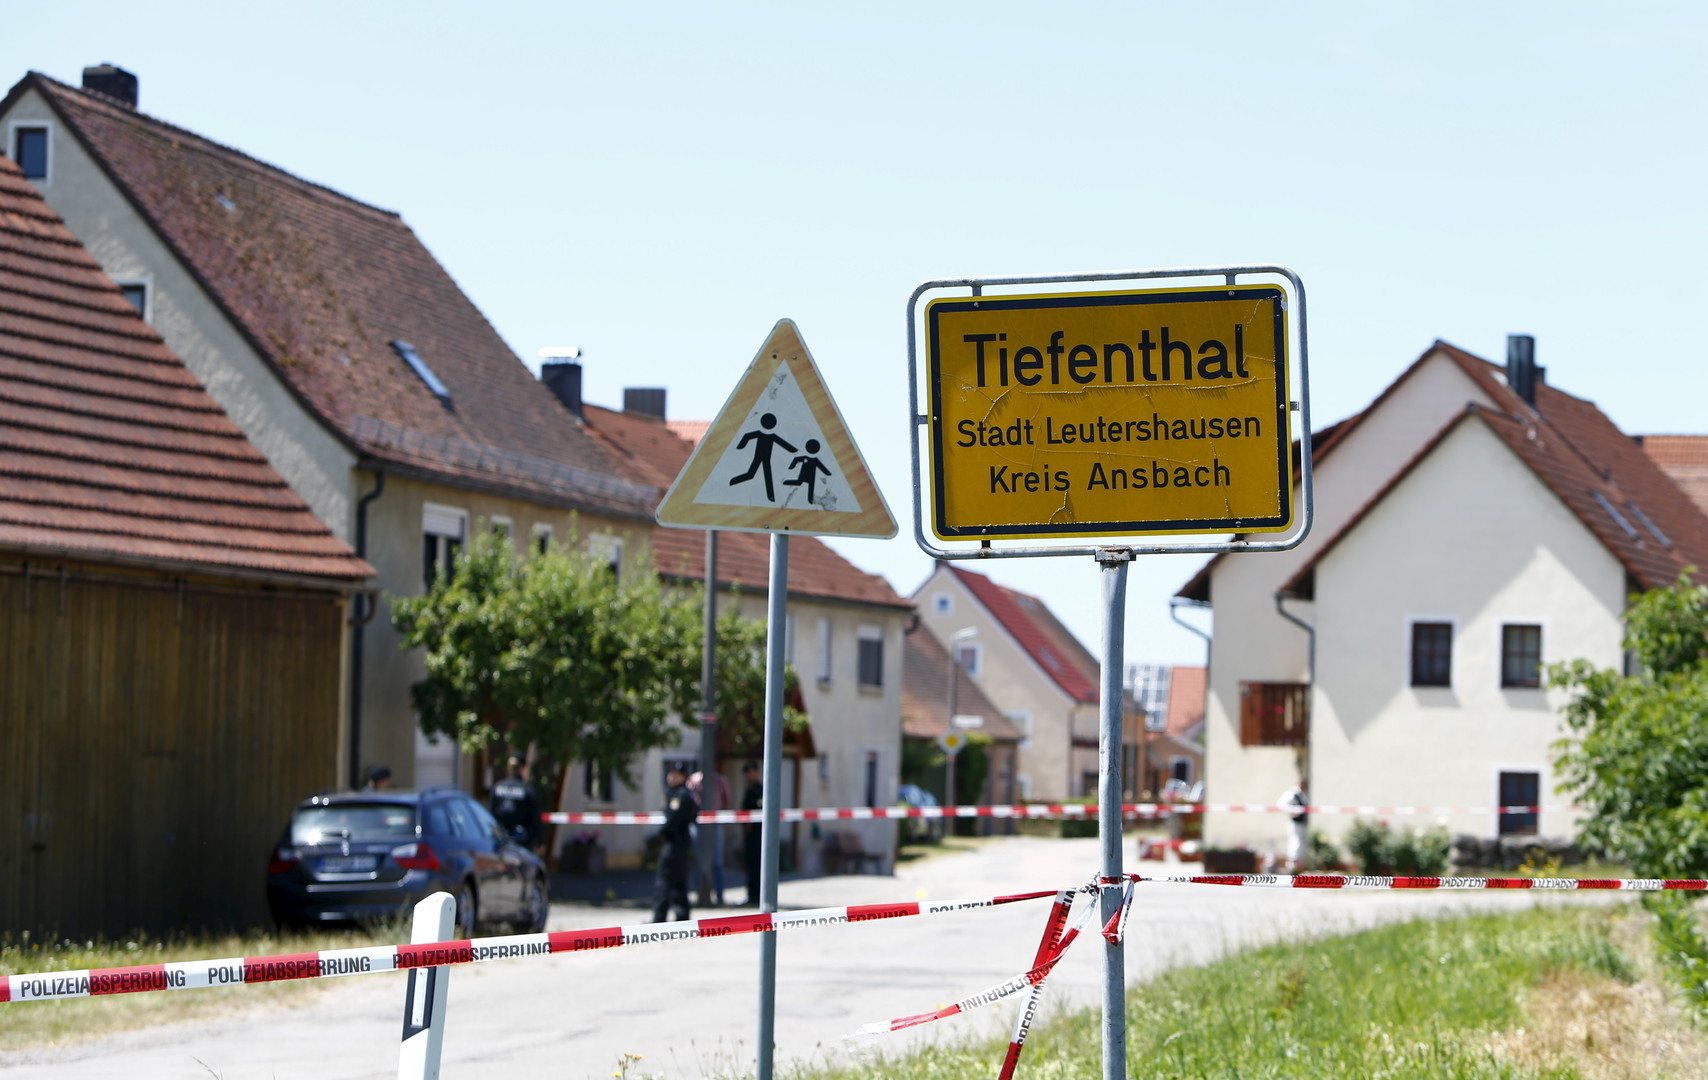 Les fusillades de ces dernières années qui ont choqué l'Allemagne